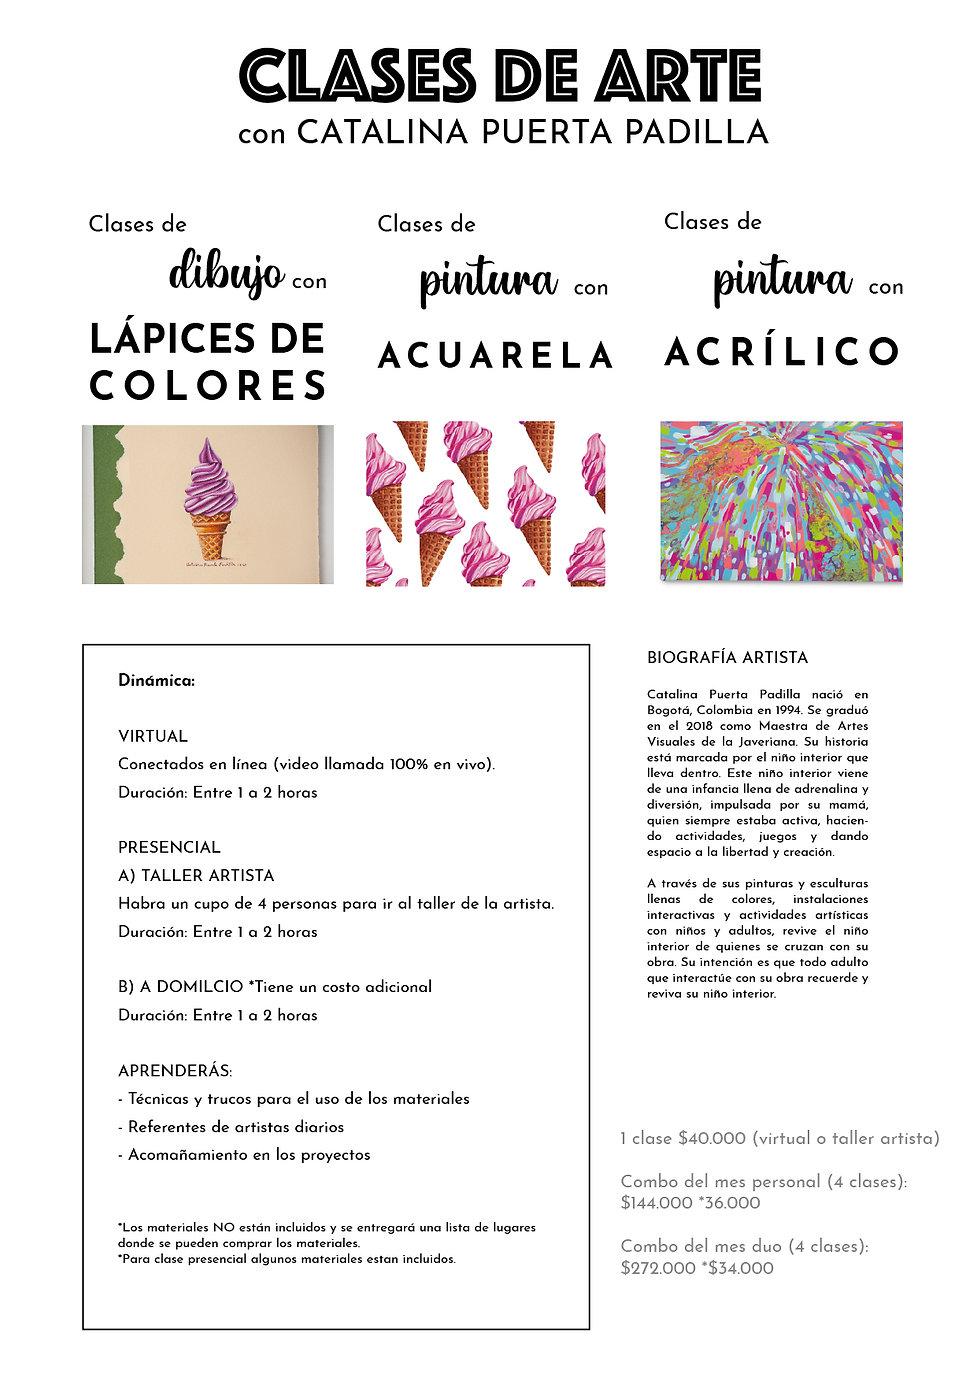 Clases de arte con Catalina Puerta Padilla_Mesa de trabajo 1 copia.jpg